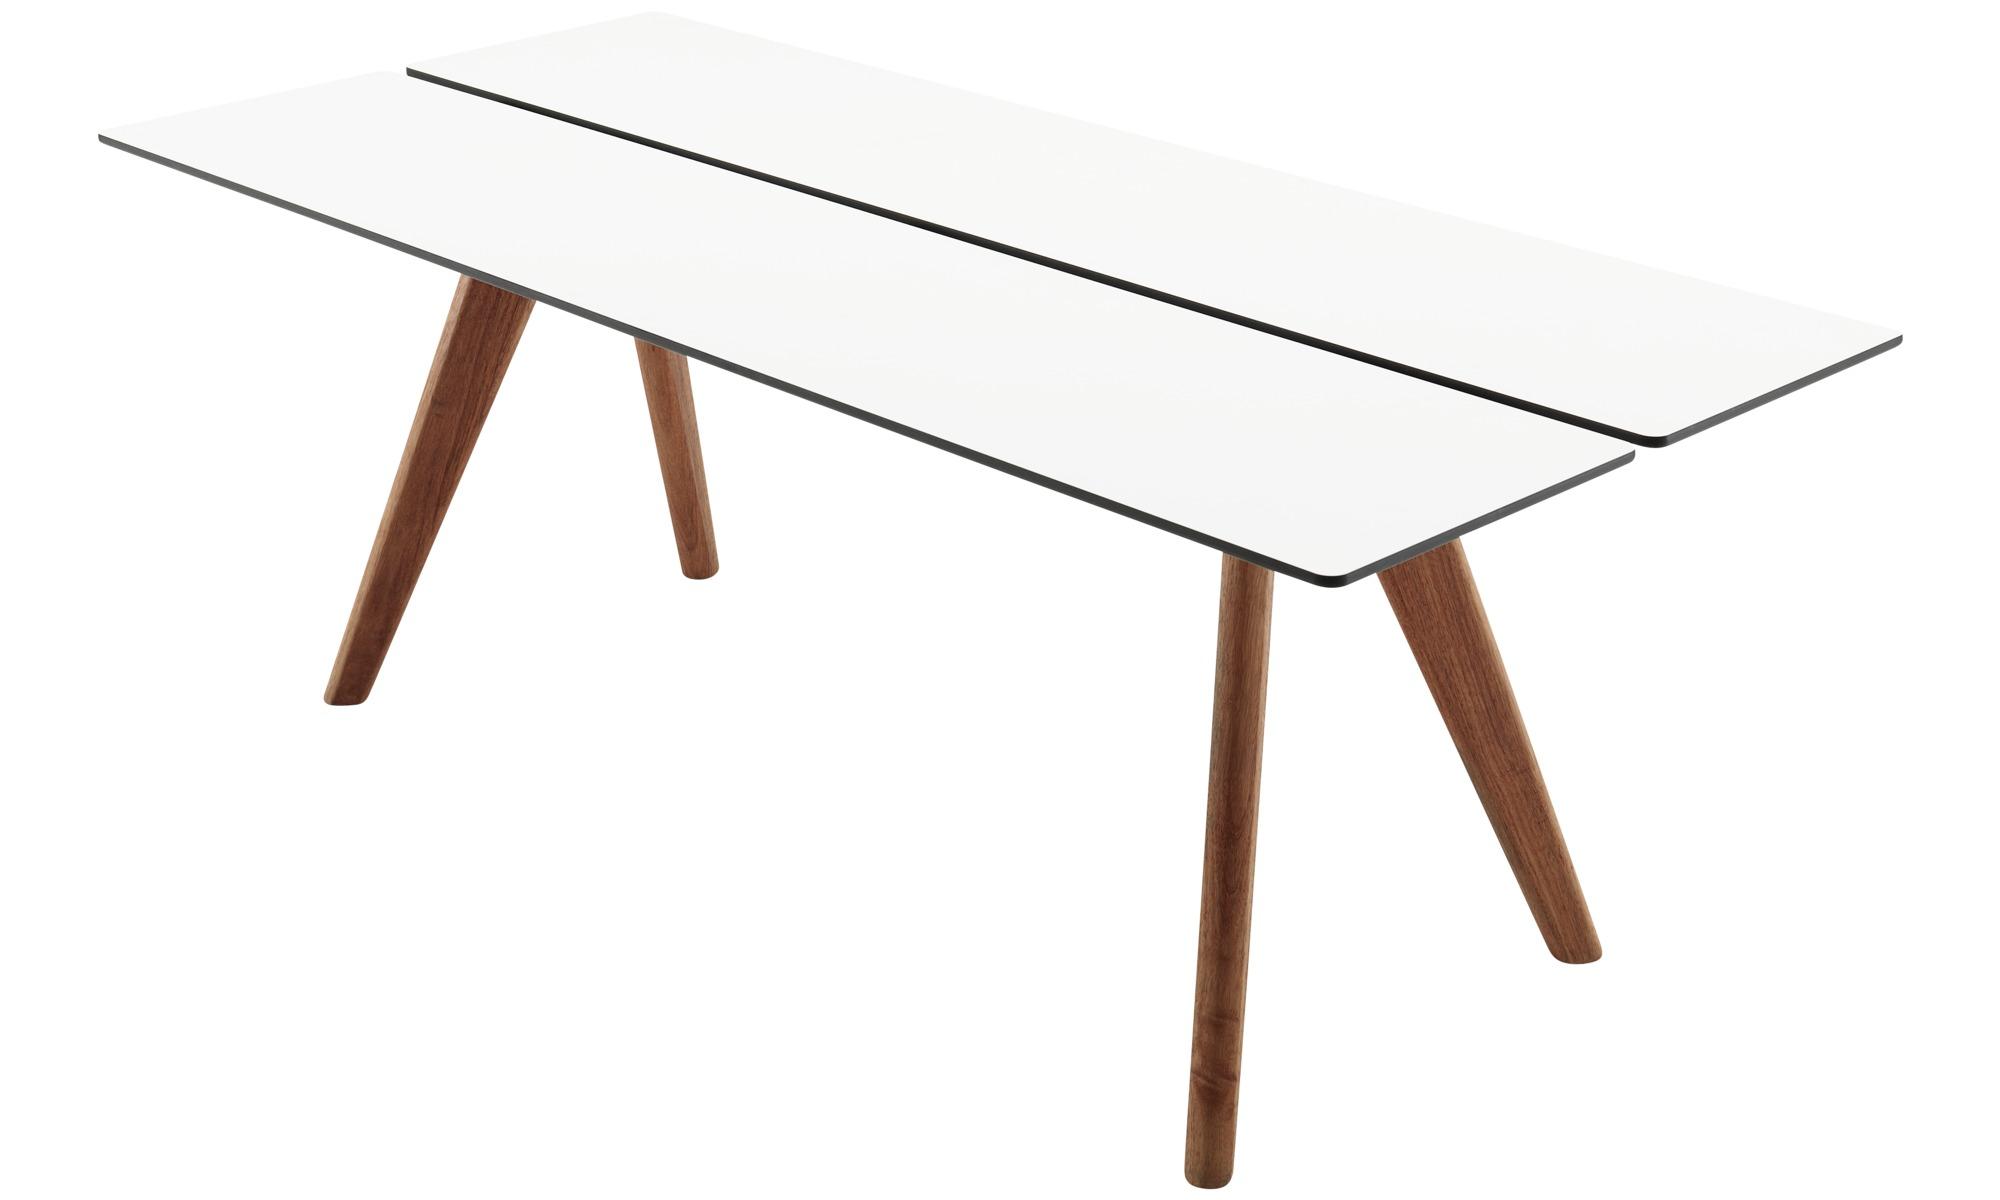 gartentische adelaide tisch f r den innen und au enbereich geeignet boconcept. Black Bedroom Furniture Sets. Home Design Ideas